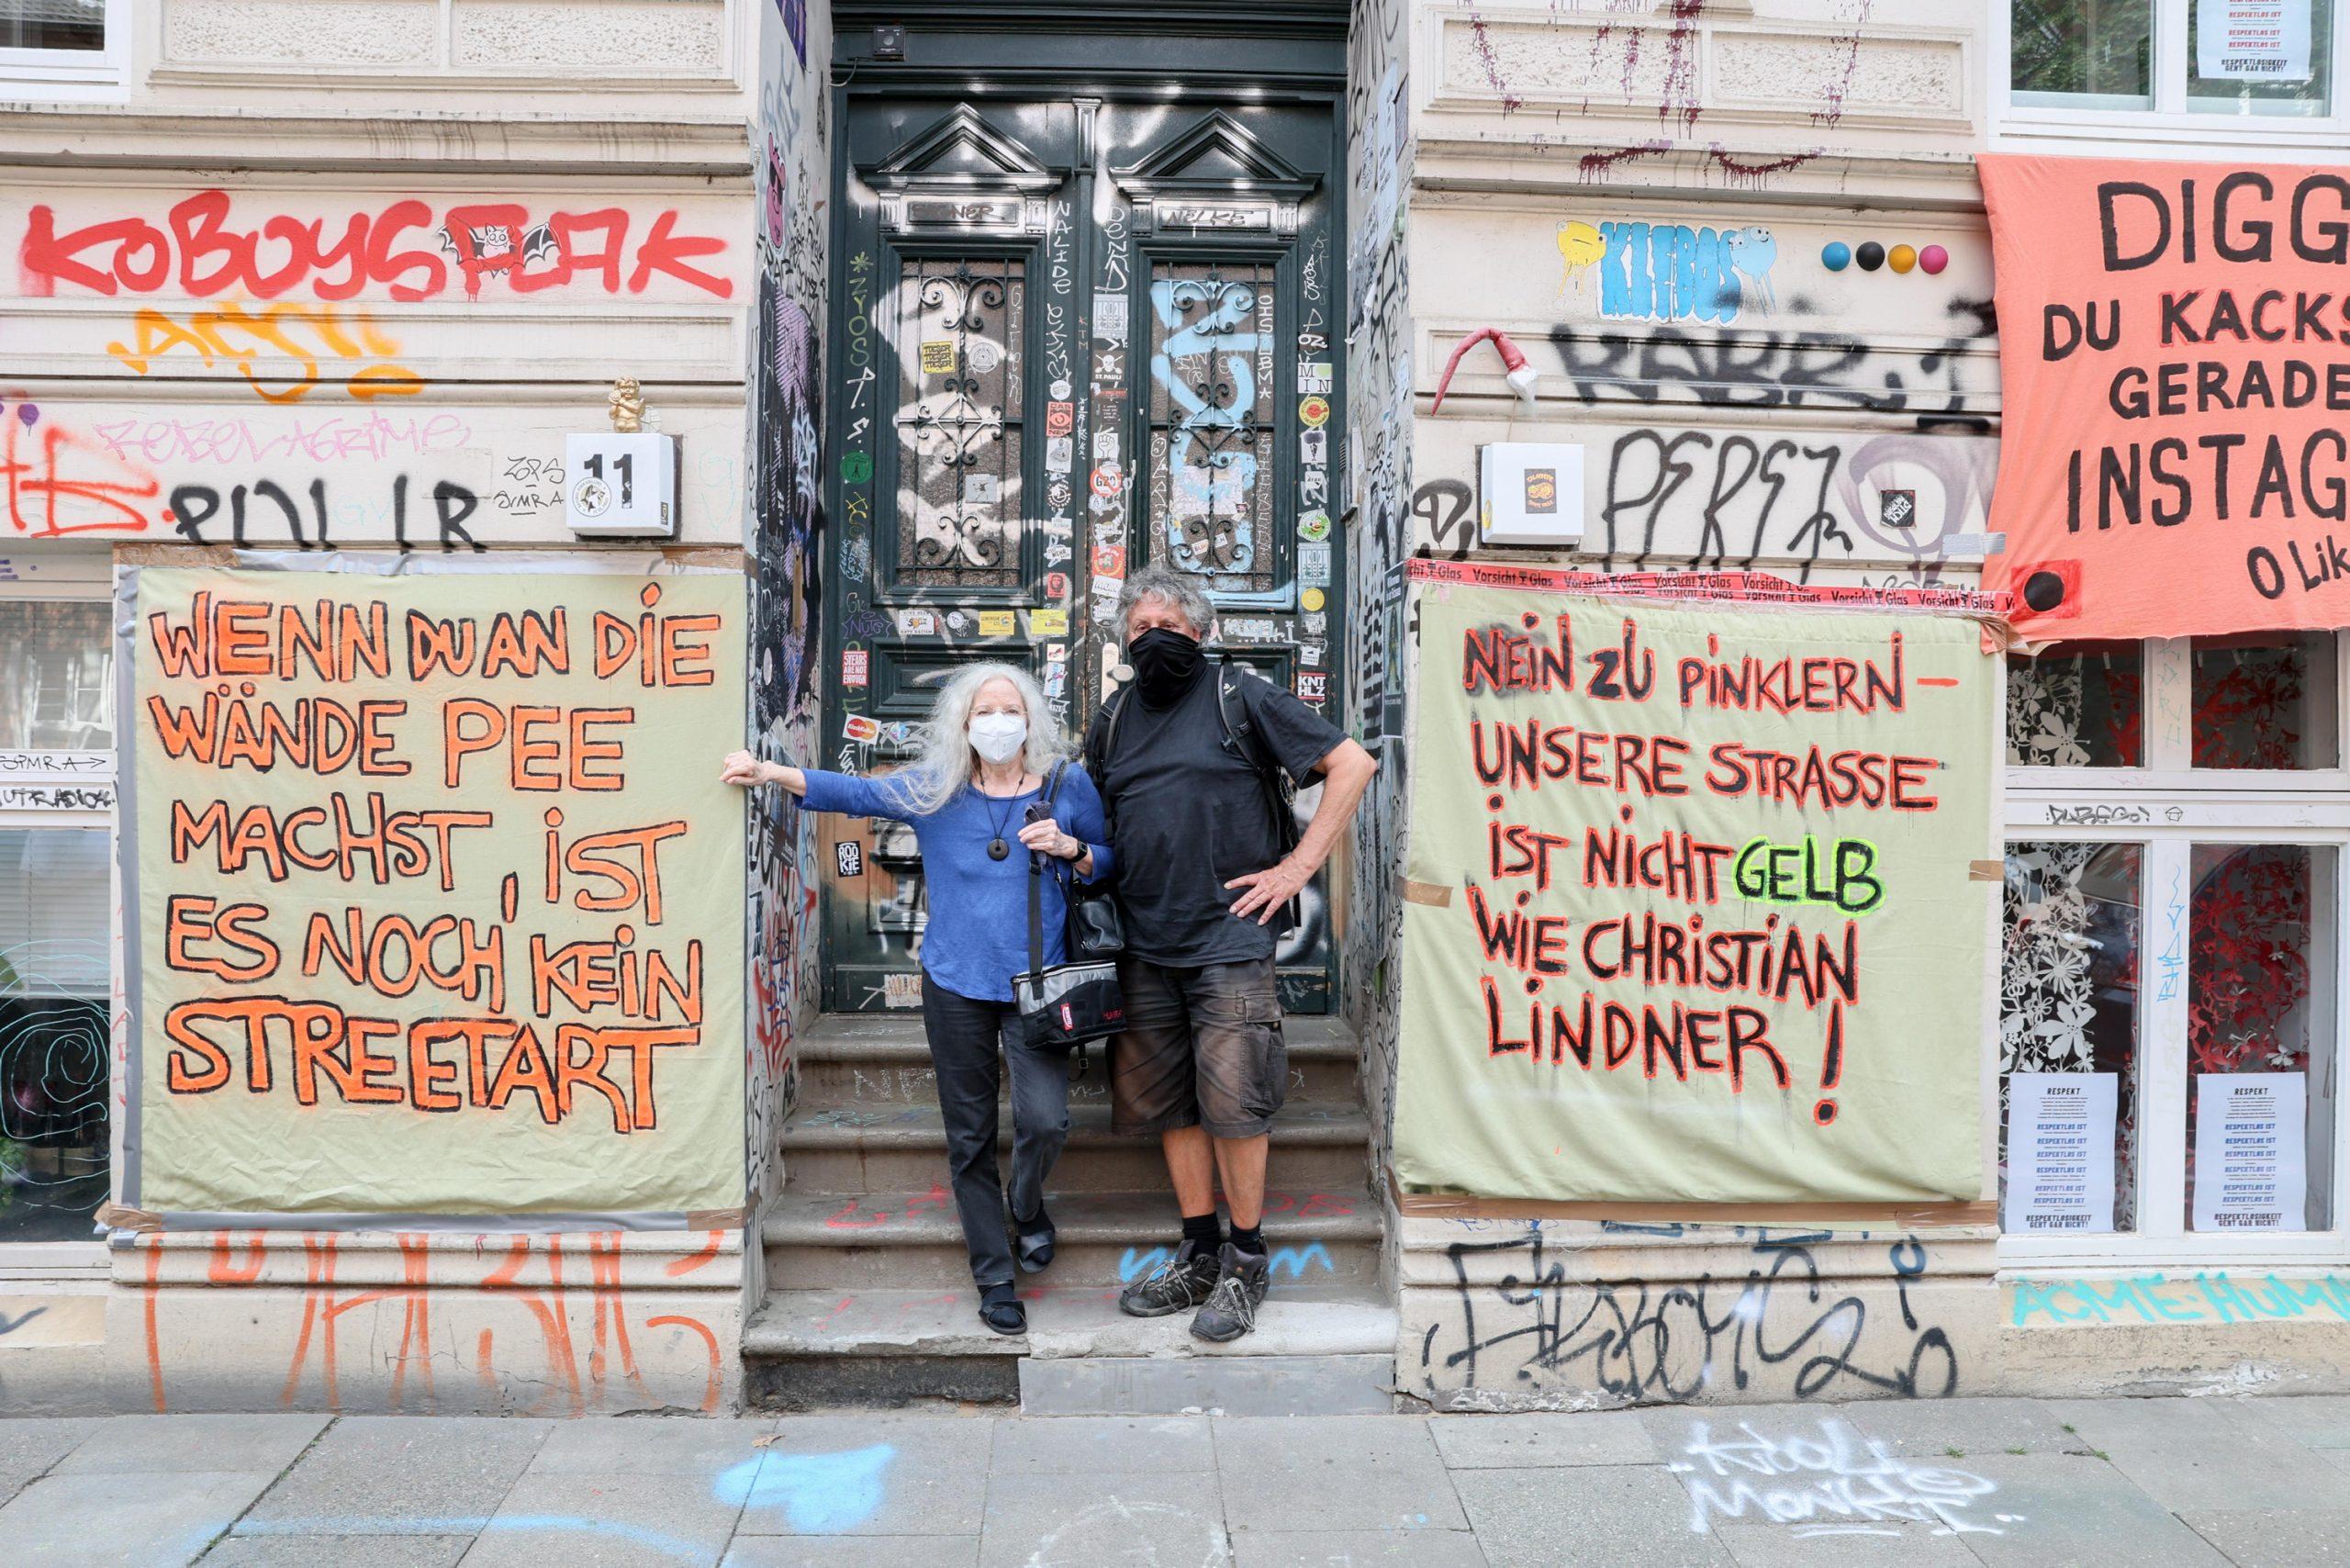 Anwohnern stinkt es gewaltig und sind kreativ geworden. Karina (72) und Peter (67 beteiligten sich an Plakat-Aktion